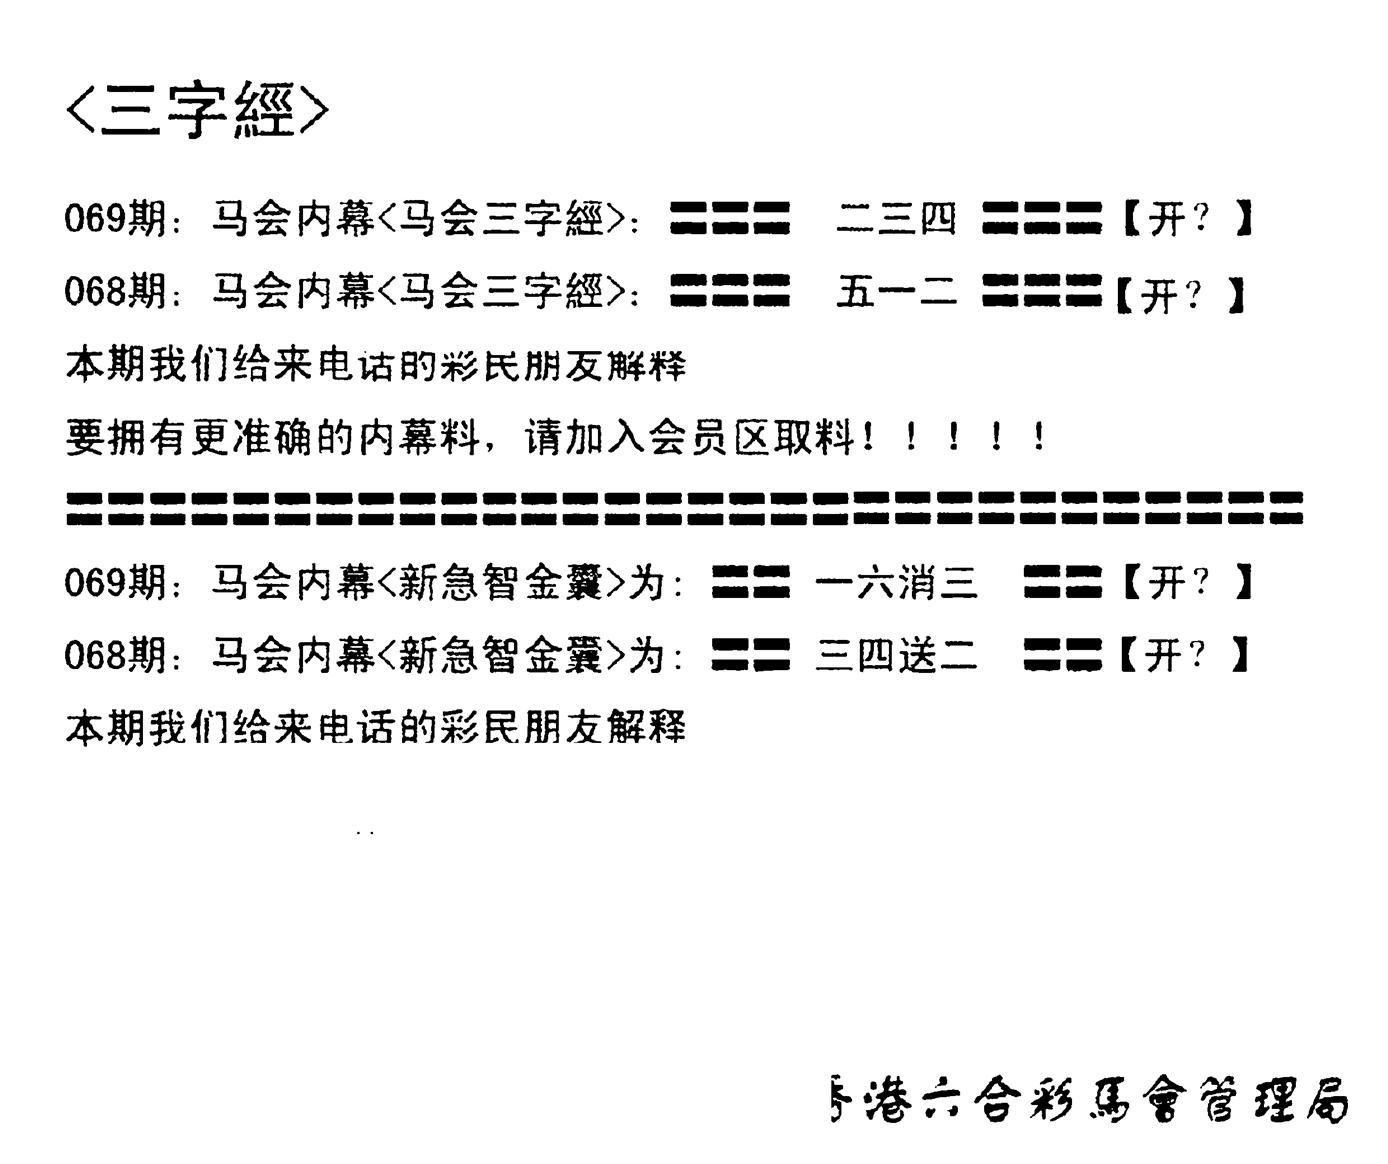 069期电脑版(早版)(黑白)